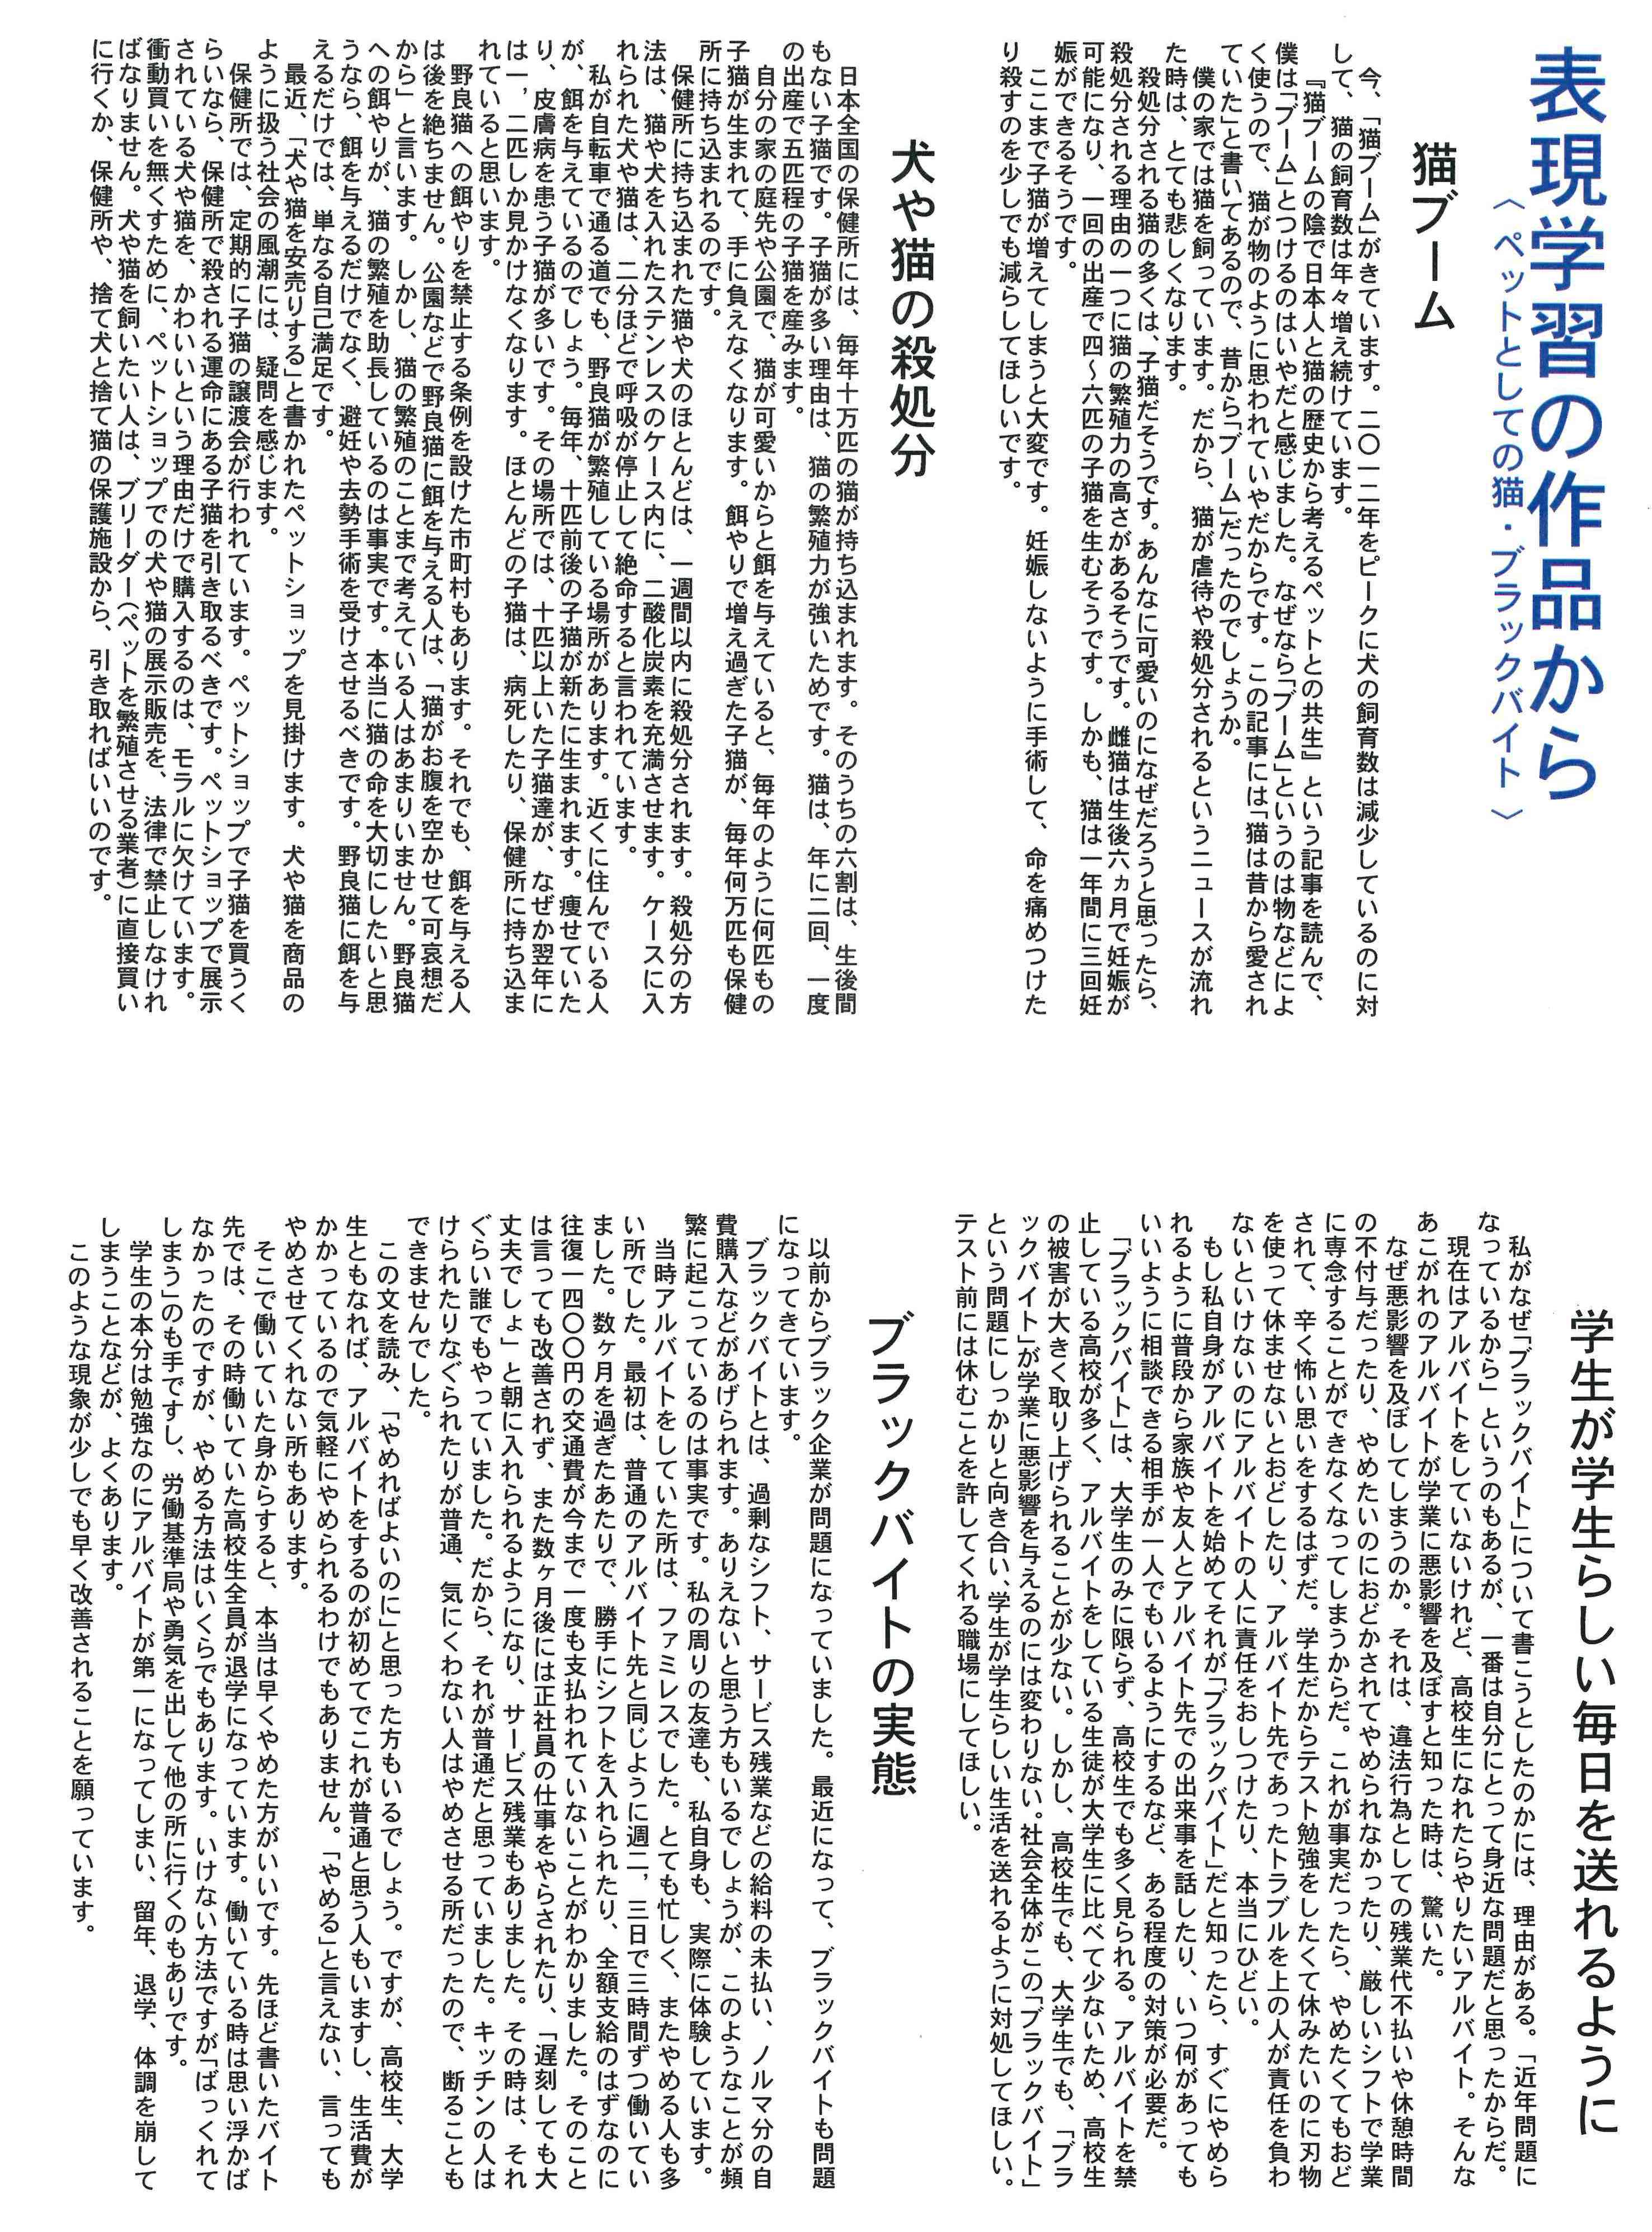 hyougen-gakusyu-2016-11-neko-baito